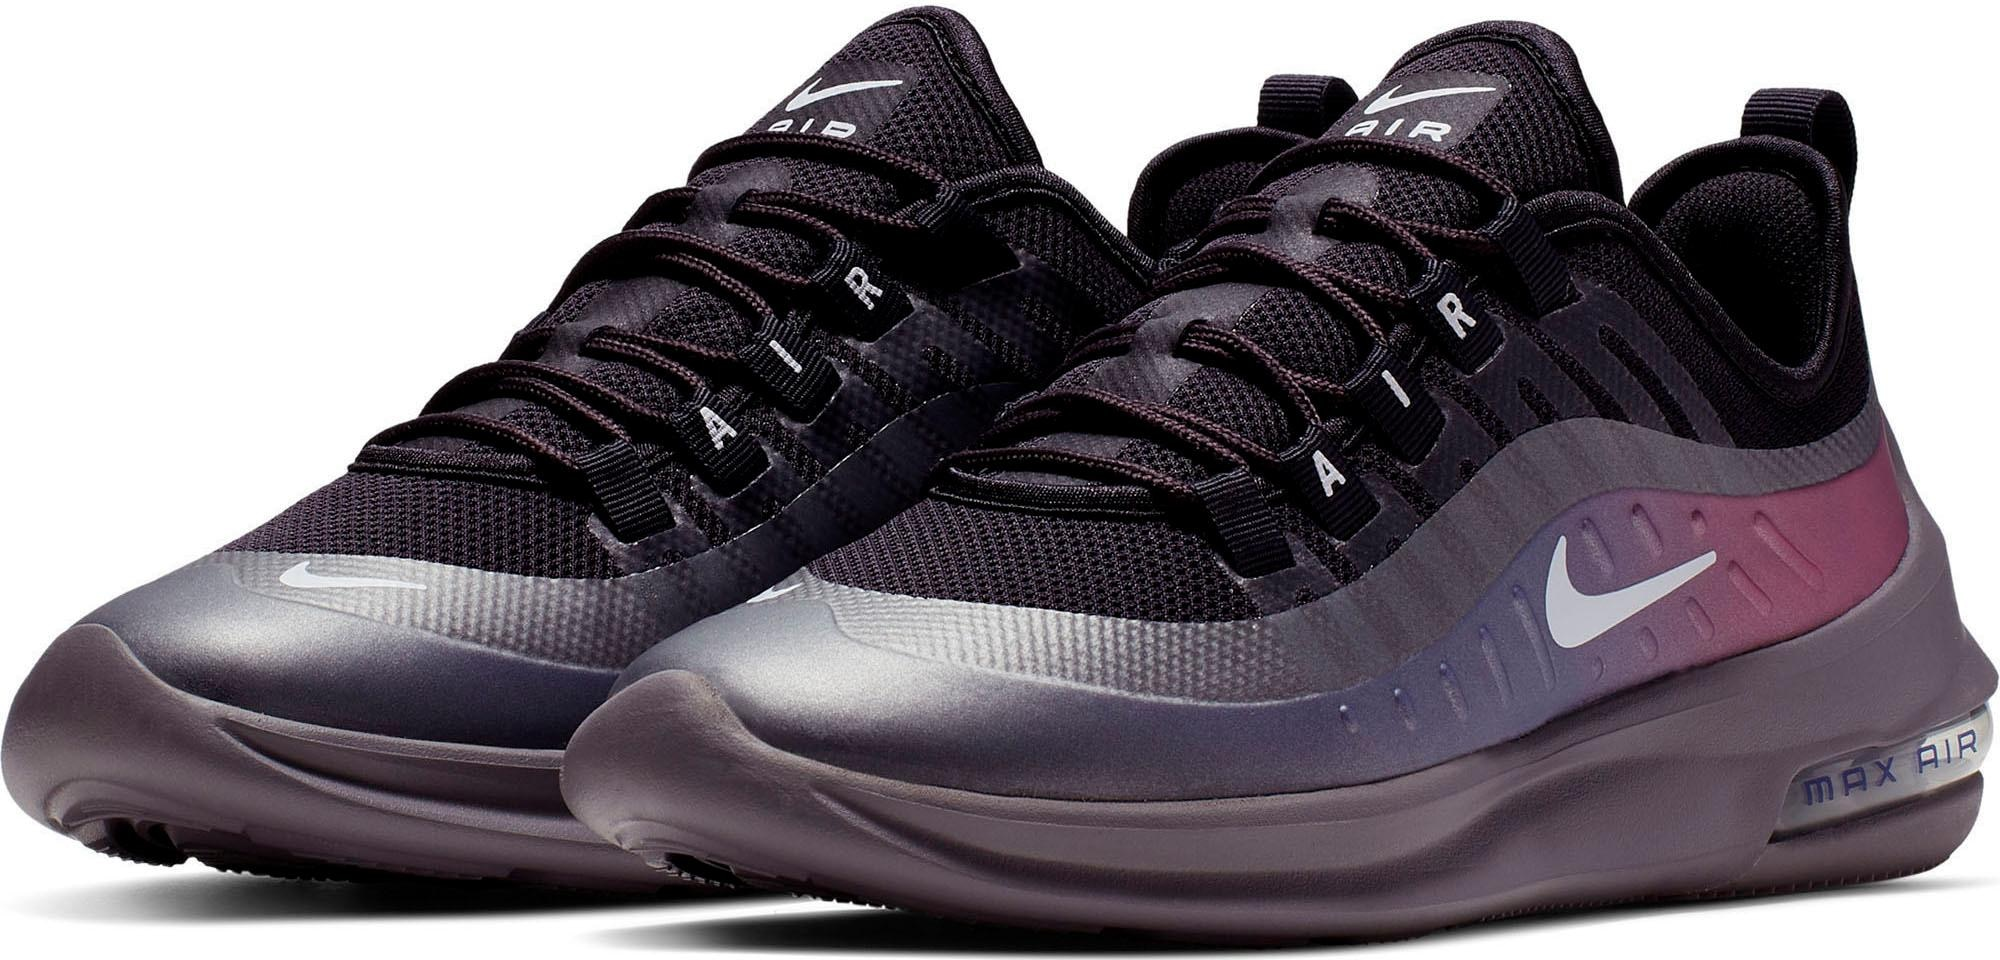 Nike Sportswear Sneaker »Wmns Air Max Axis Premium« per Rechnung | BAUR